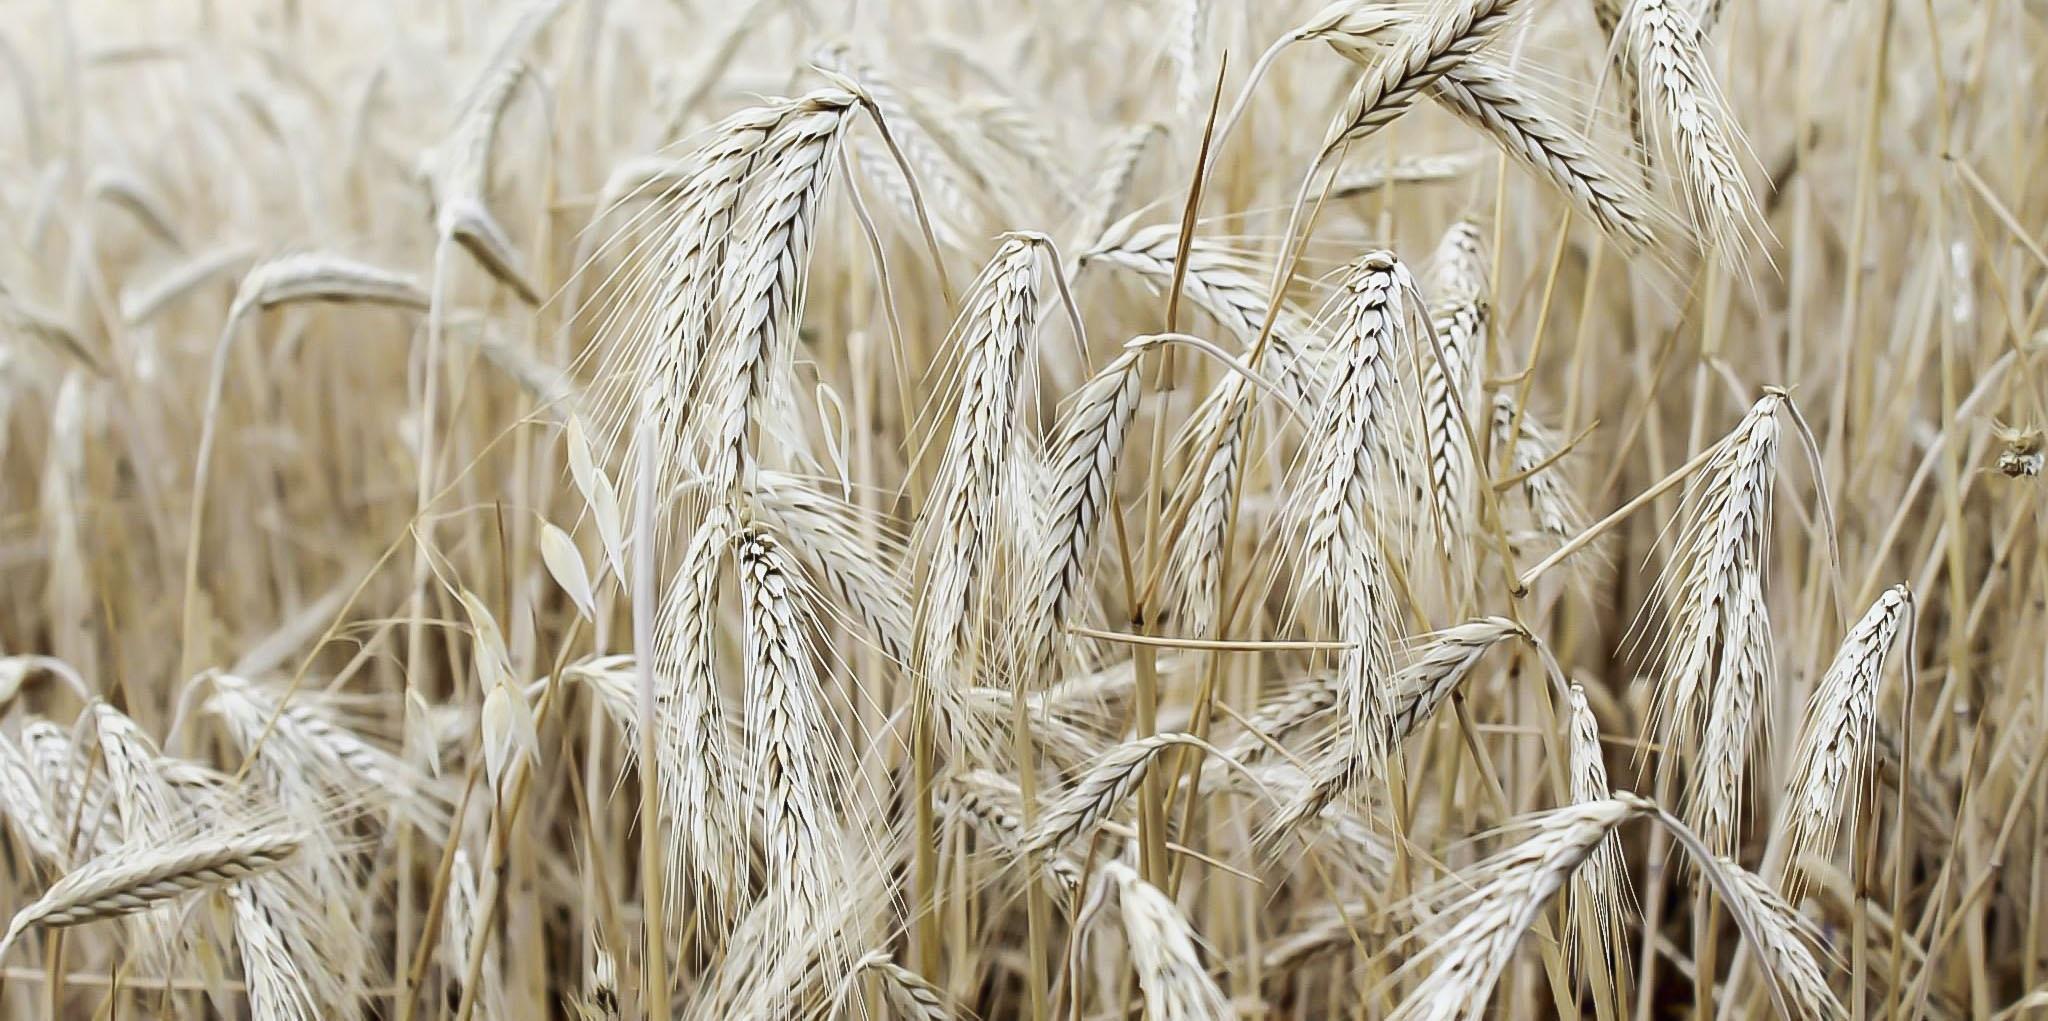 фото ячменя пшеницы ржи его составе присутствуют